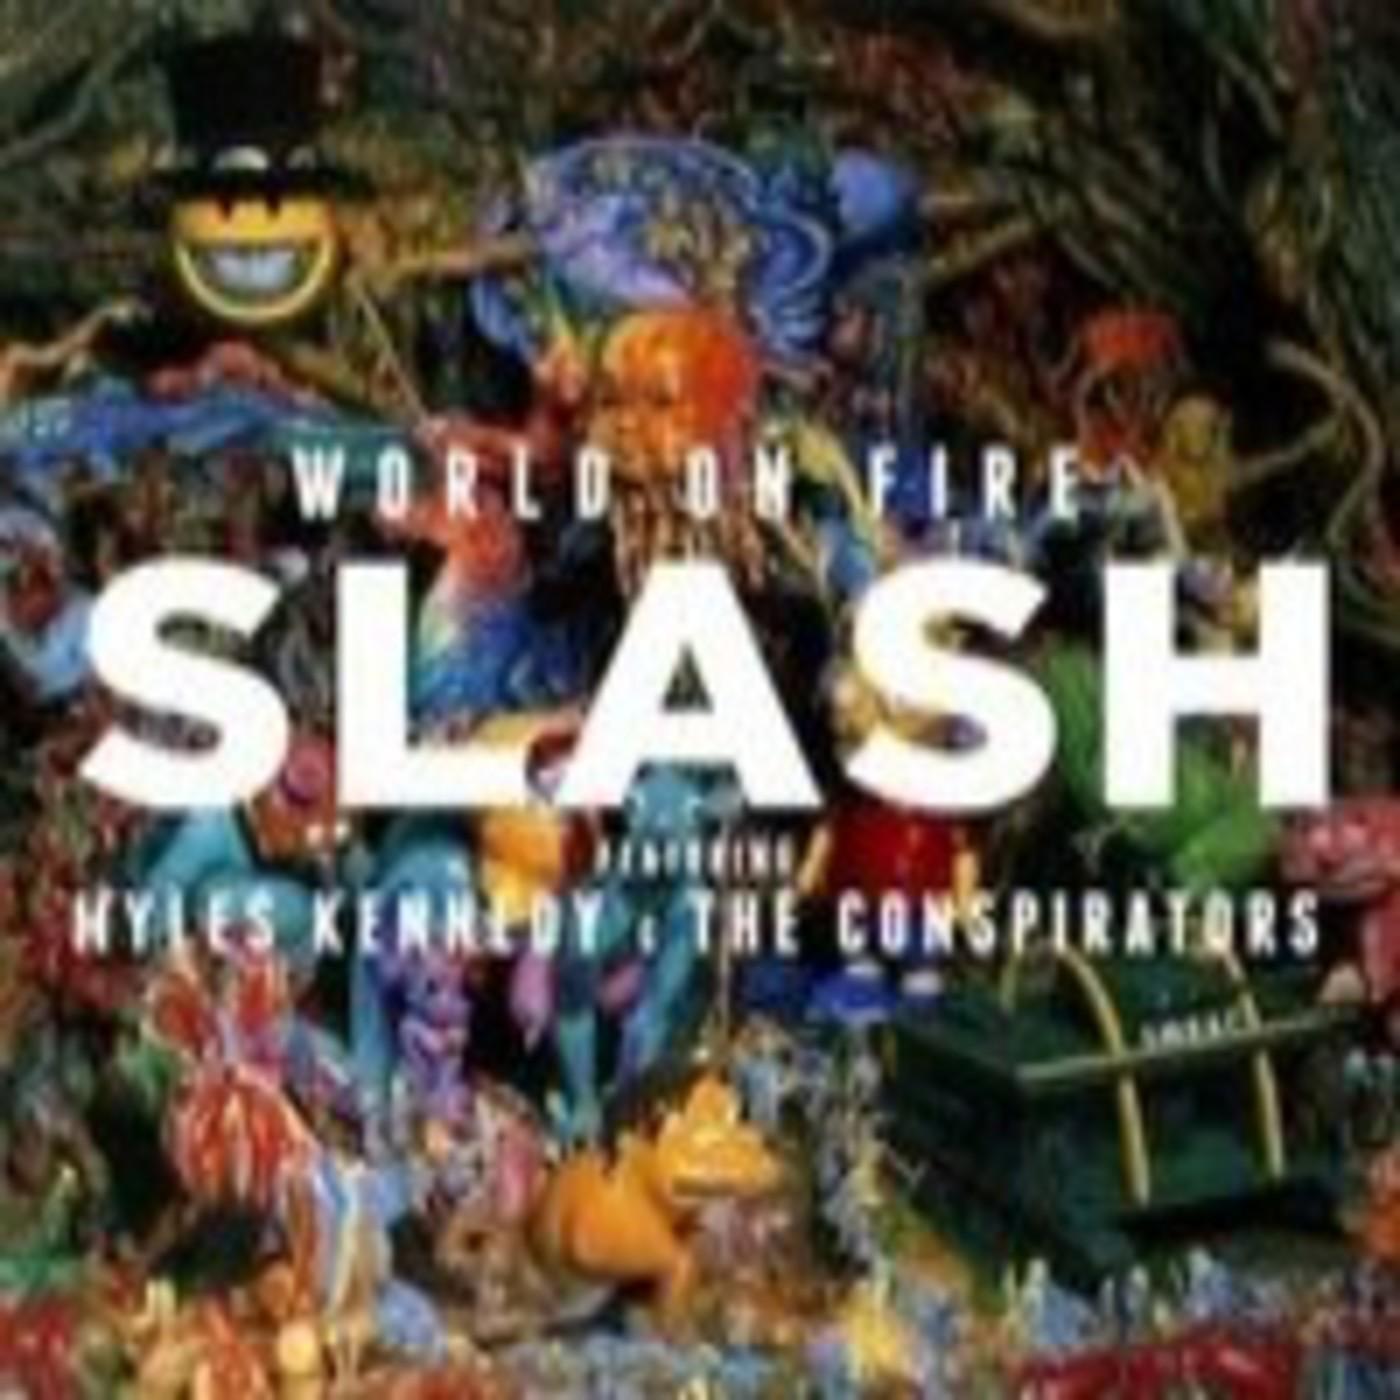 973 - Slash Featuring Myles Kennedy and the Conspirators - 50s con Dako